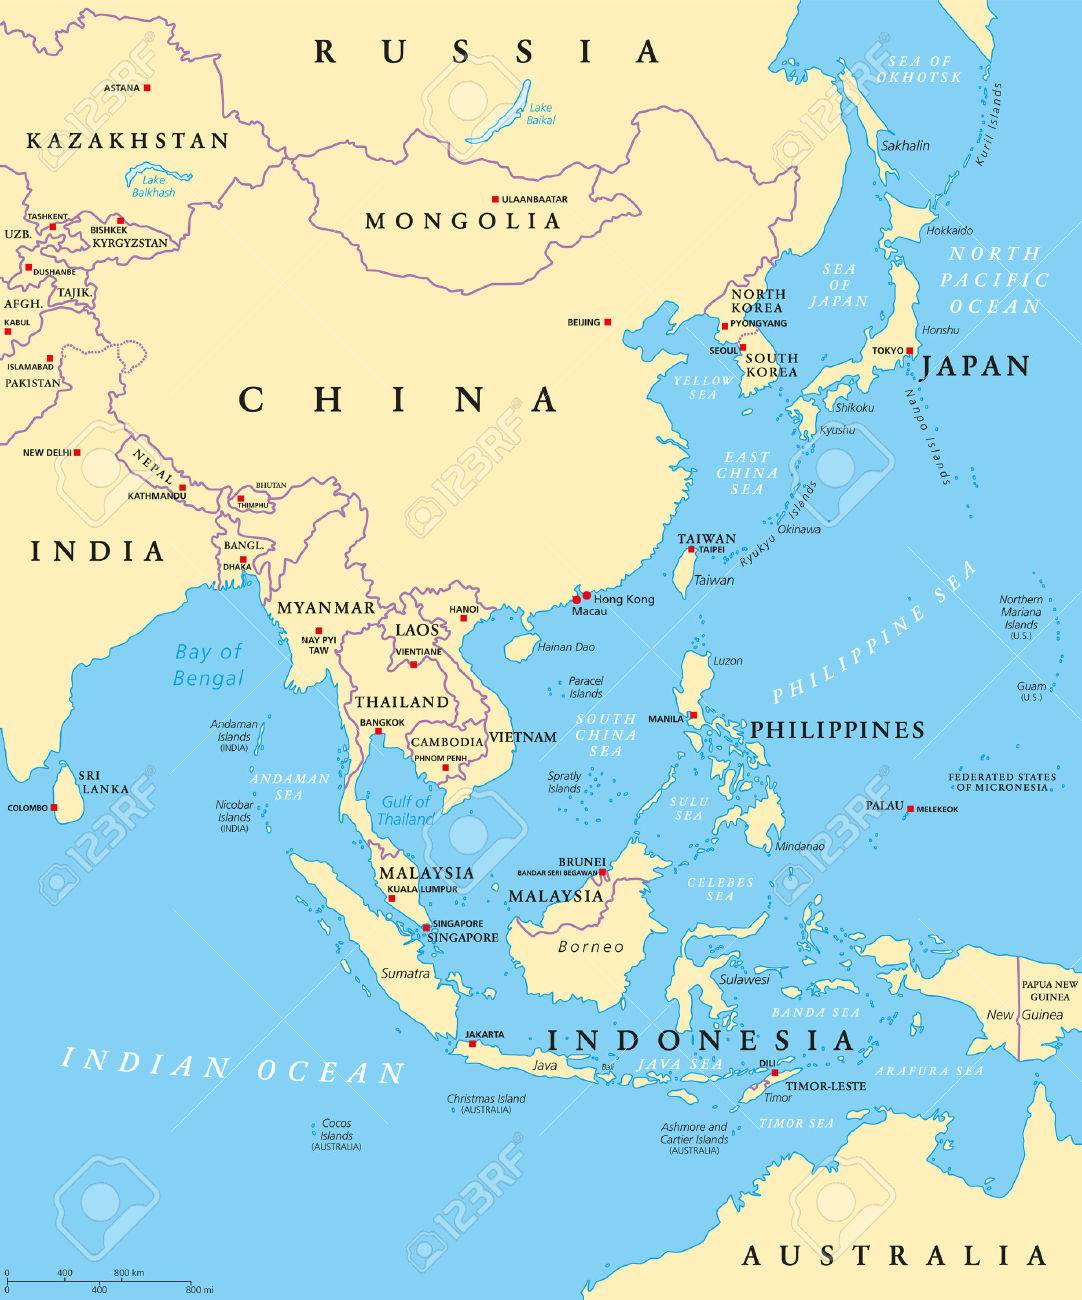 Carte Asie Orientale.Asie De L Est Carte Politique Avec Les Capitales Et Les Frontieres Nationales Sous Region Orientale Du Continent Asiatique Chine La Mongolie